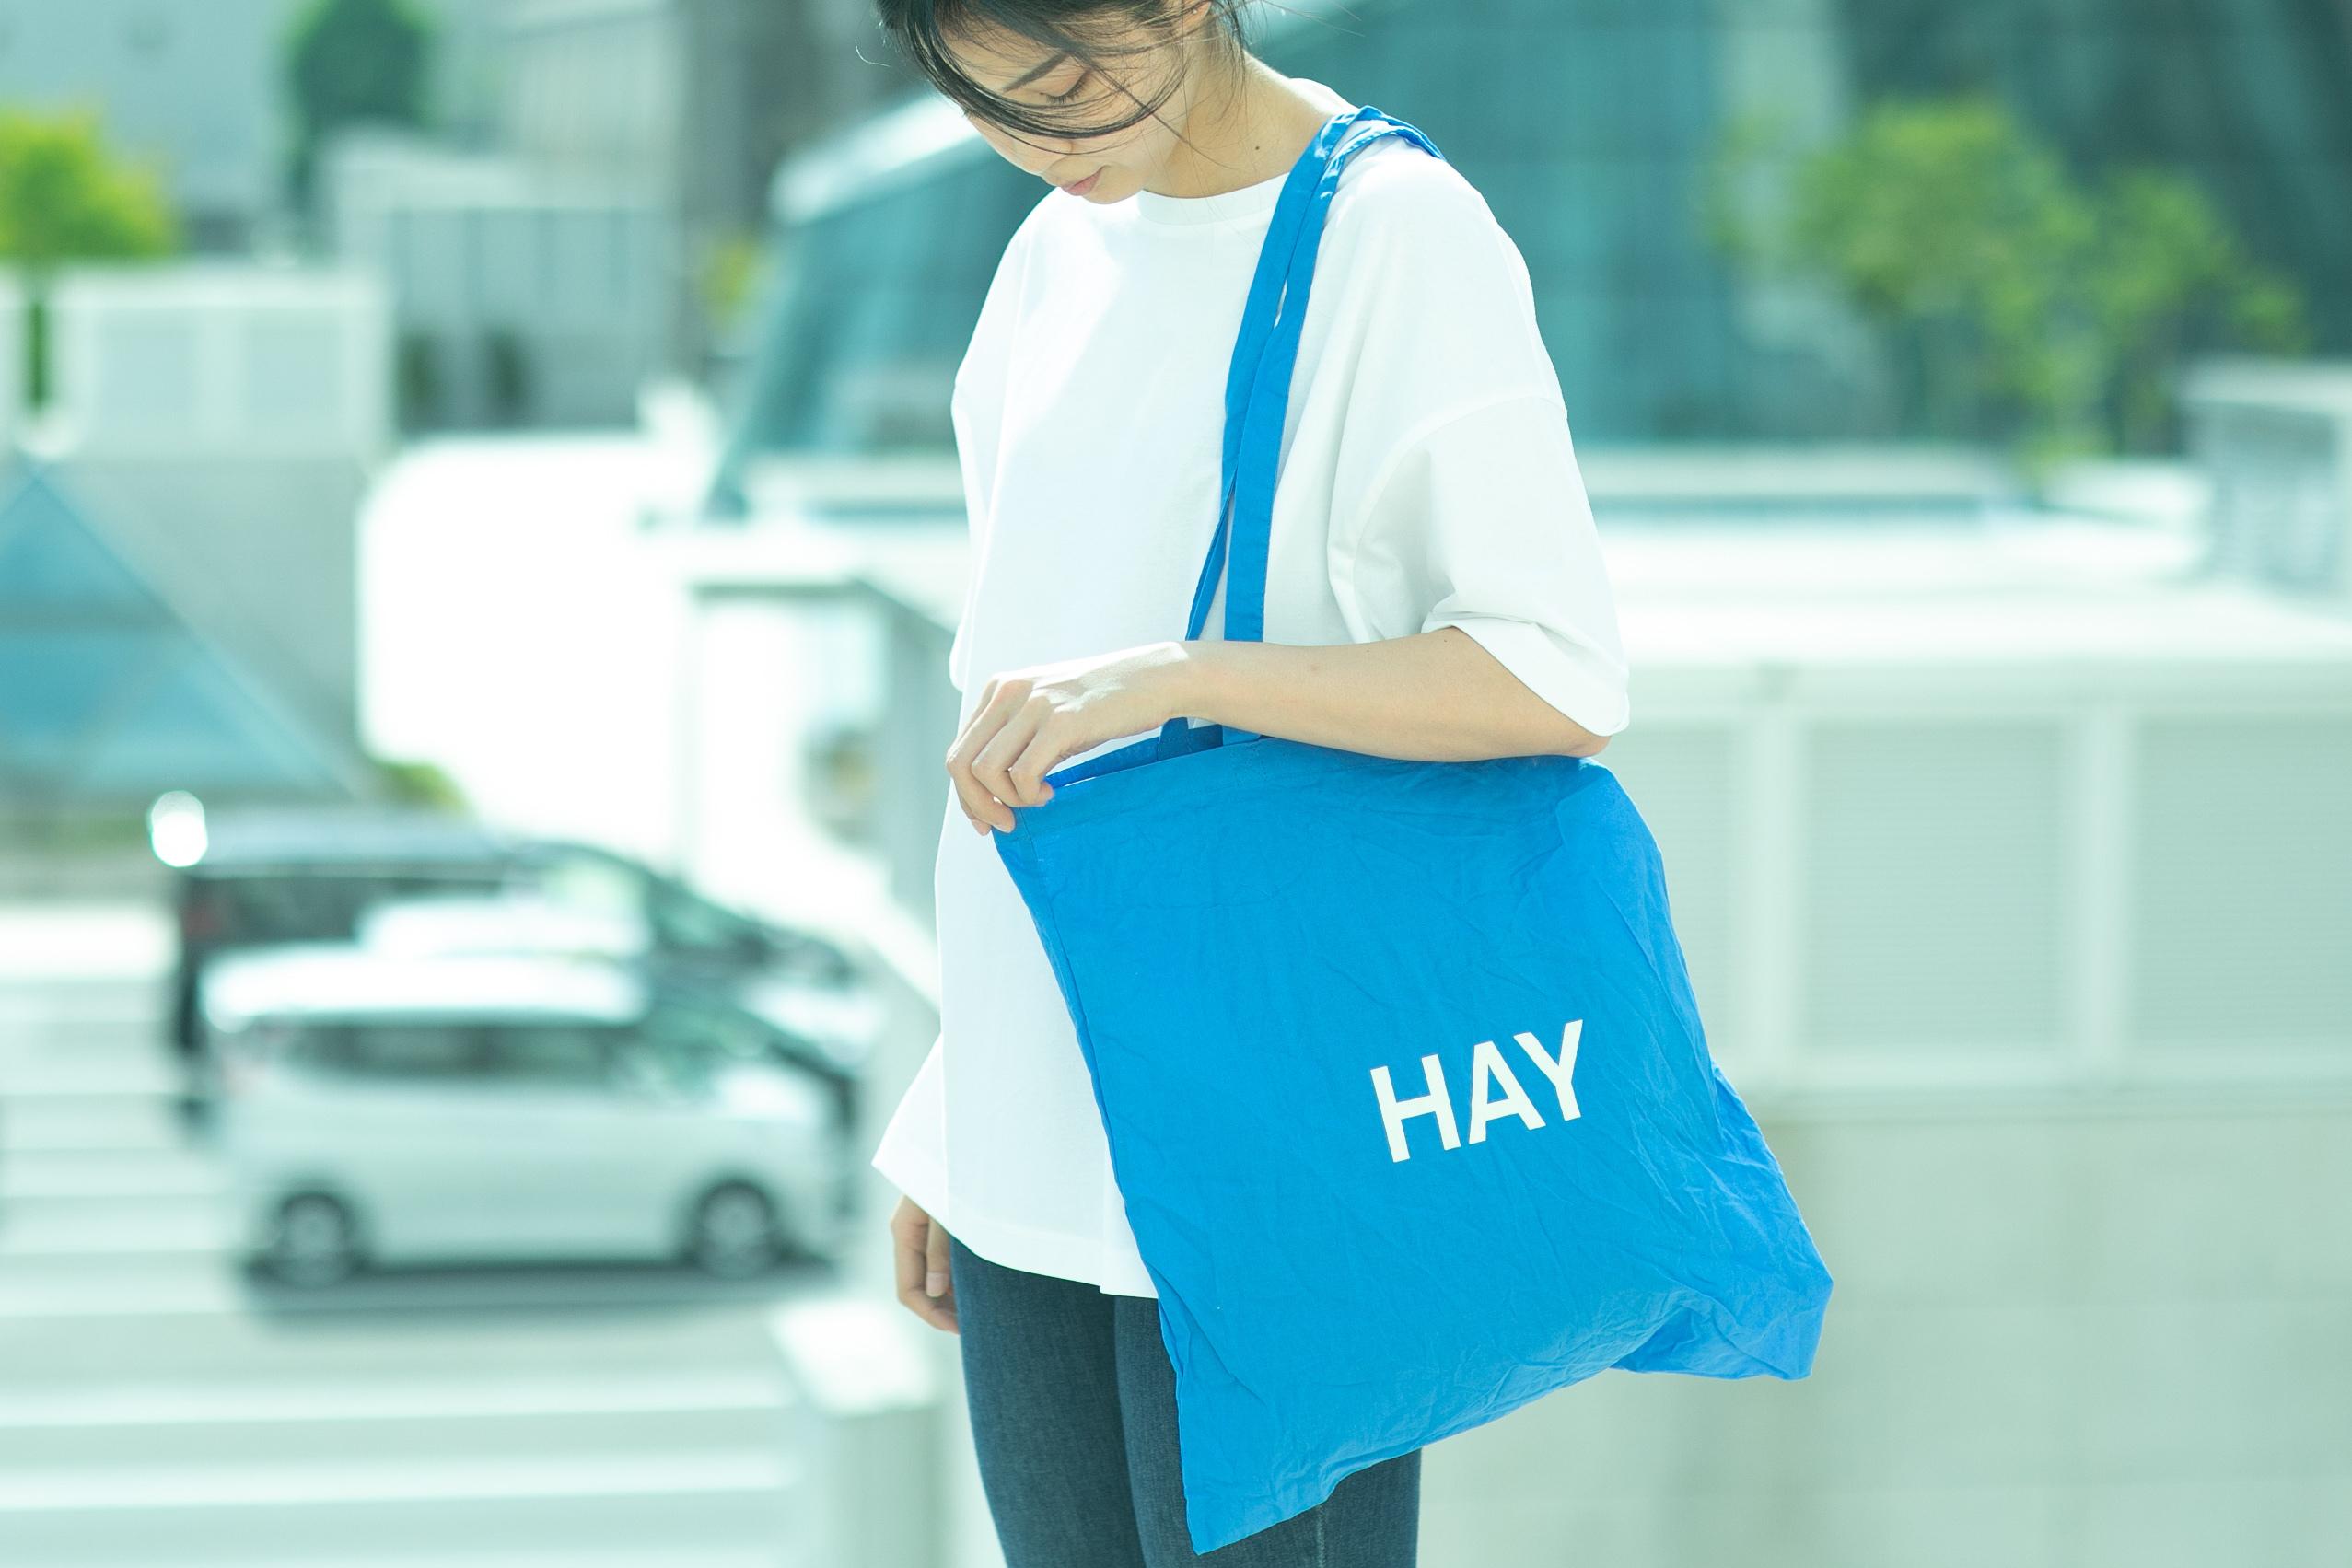 HAY / BLUE TOTE BAG